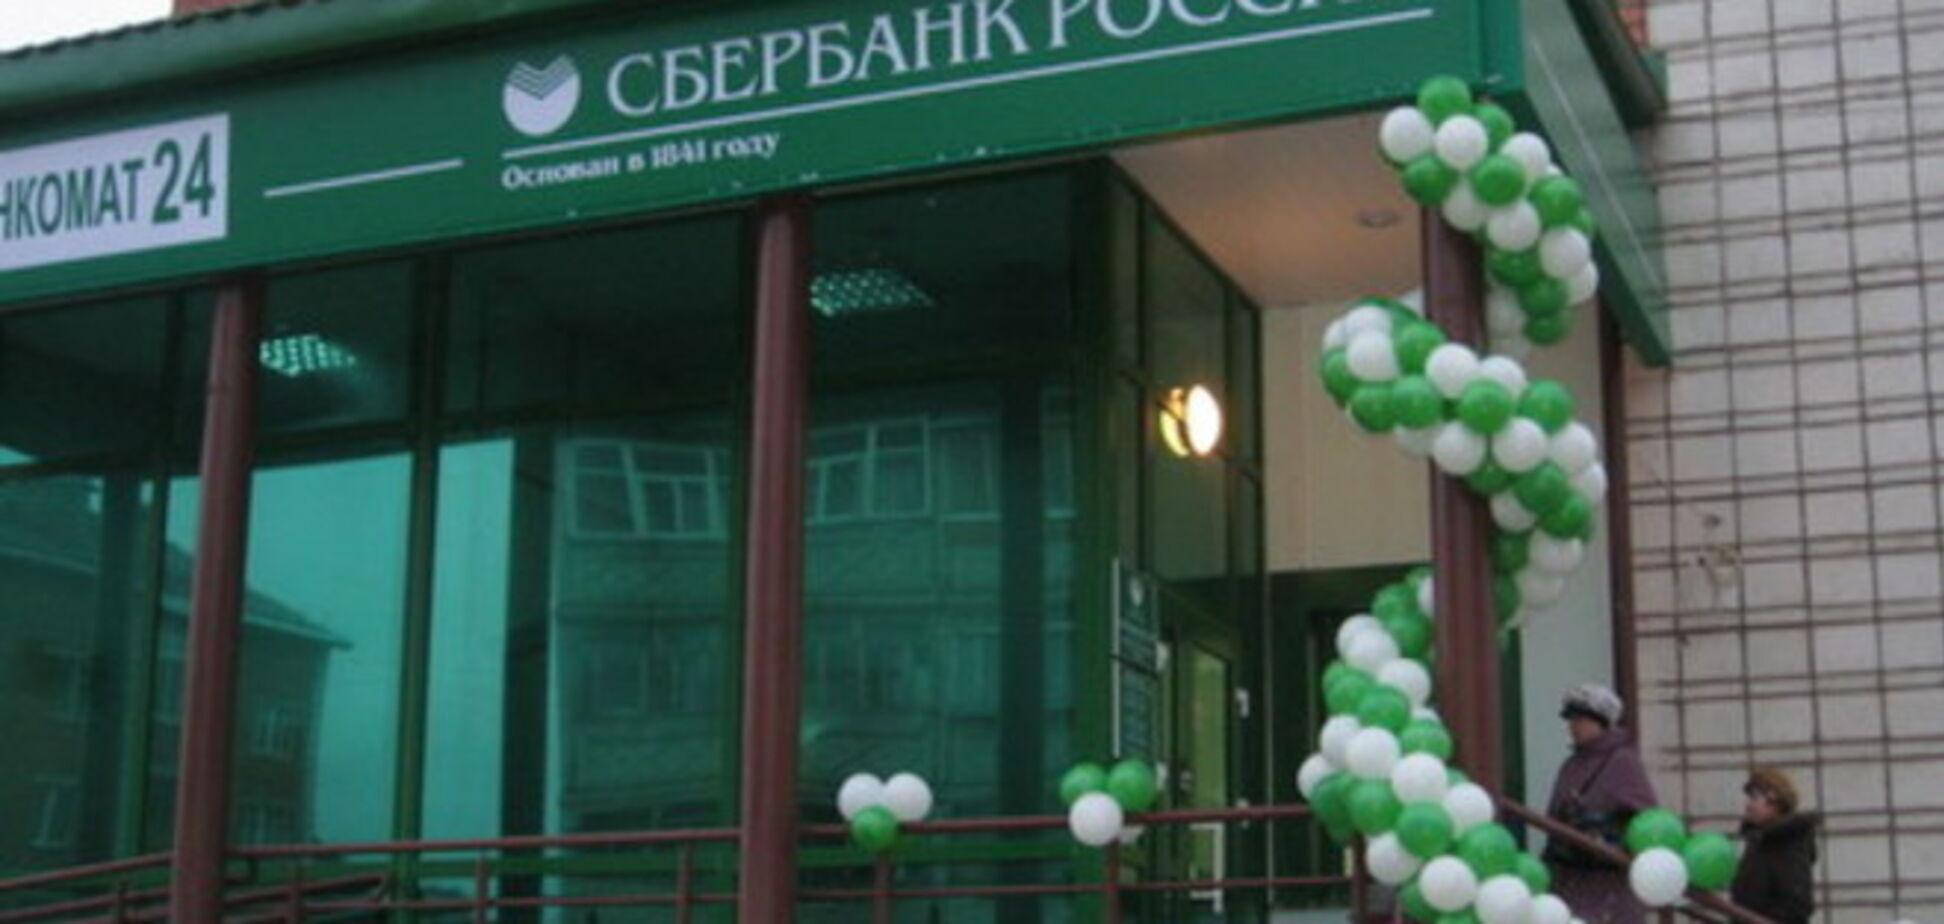 Нацбанк подтвердил, что не нашел в деятельности 'Сбербанка России' признаков терроризма